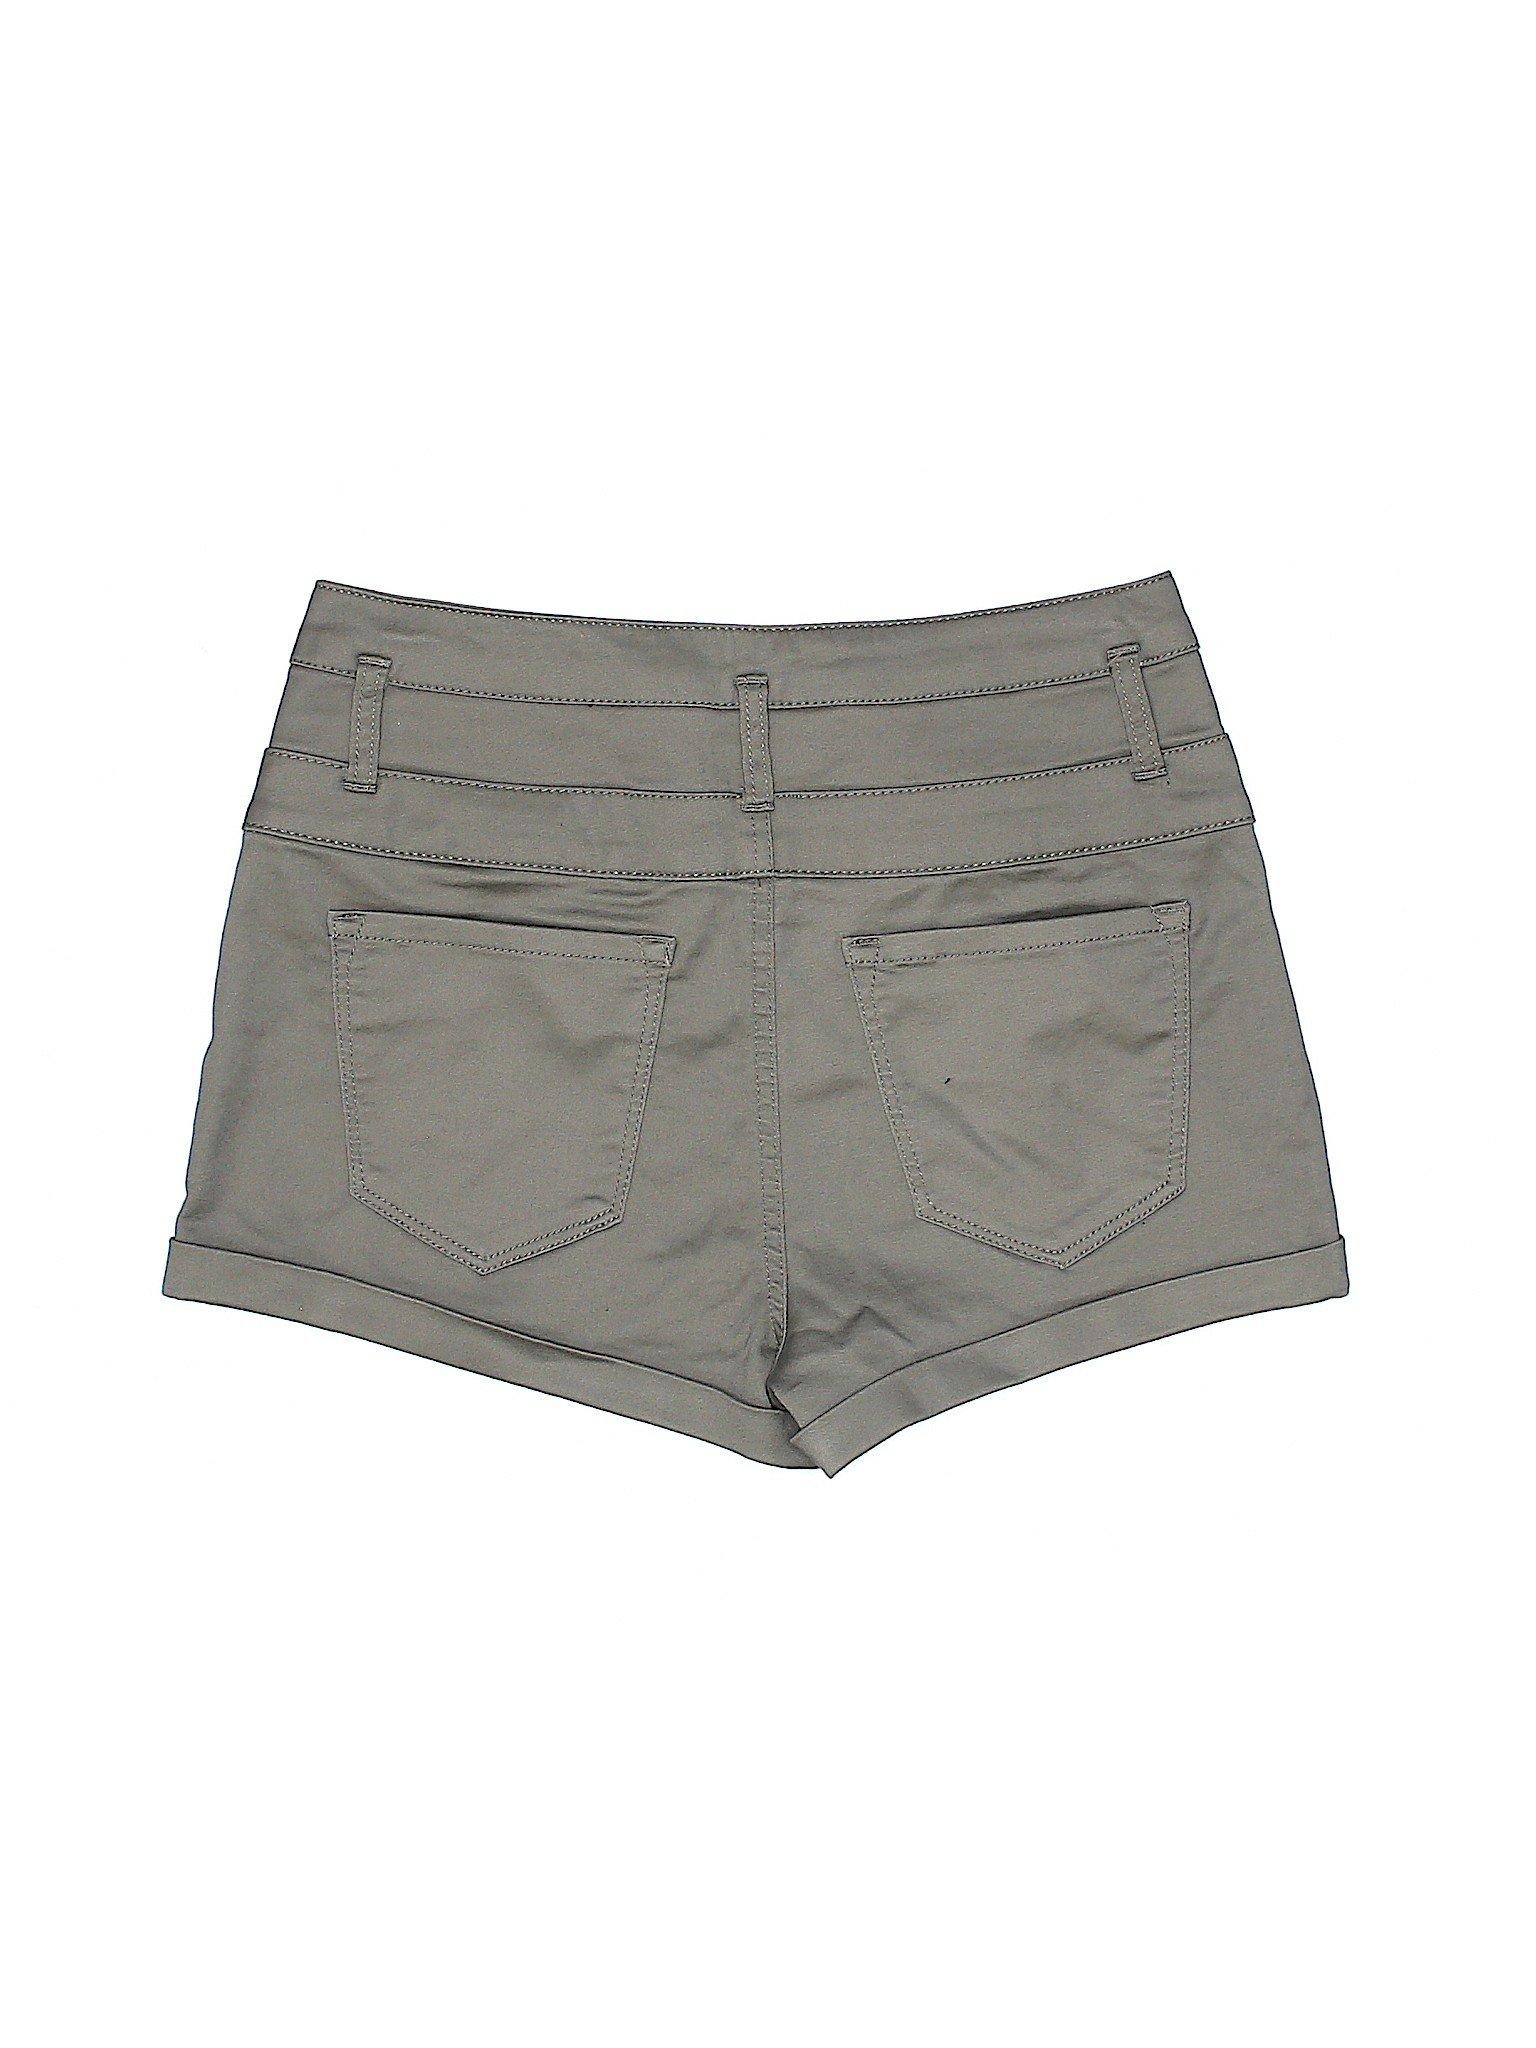 Shorts Boutique Boutique Khaki Refuge Refuge 7Igw5rqxn7